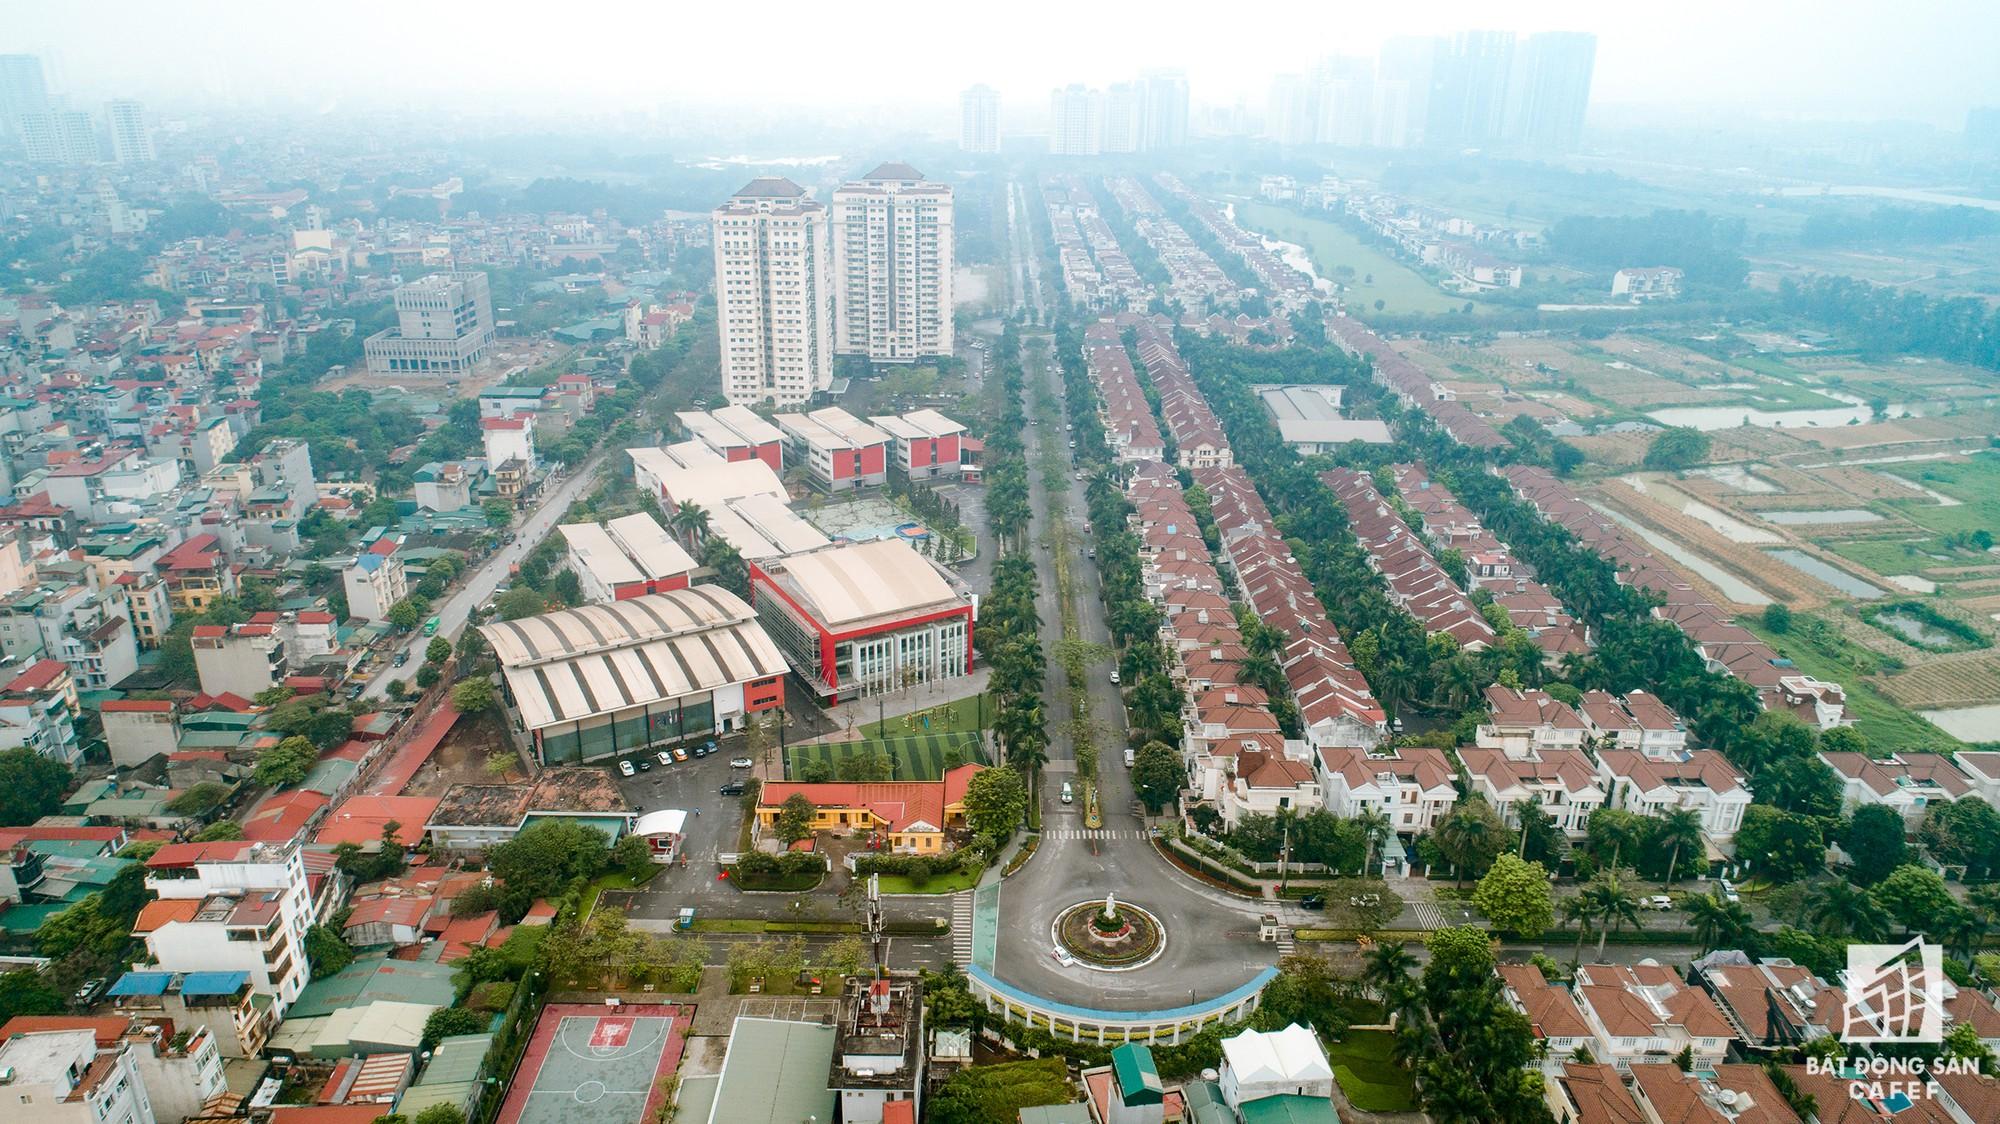 Cận cảnh hàng loạt dự án cao ốc dọc trục đường 8 làn xe tại trung tâm Hà Nội - Ảnh 13.